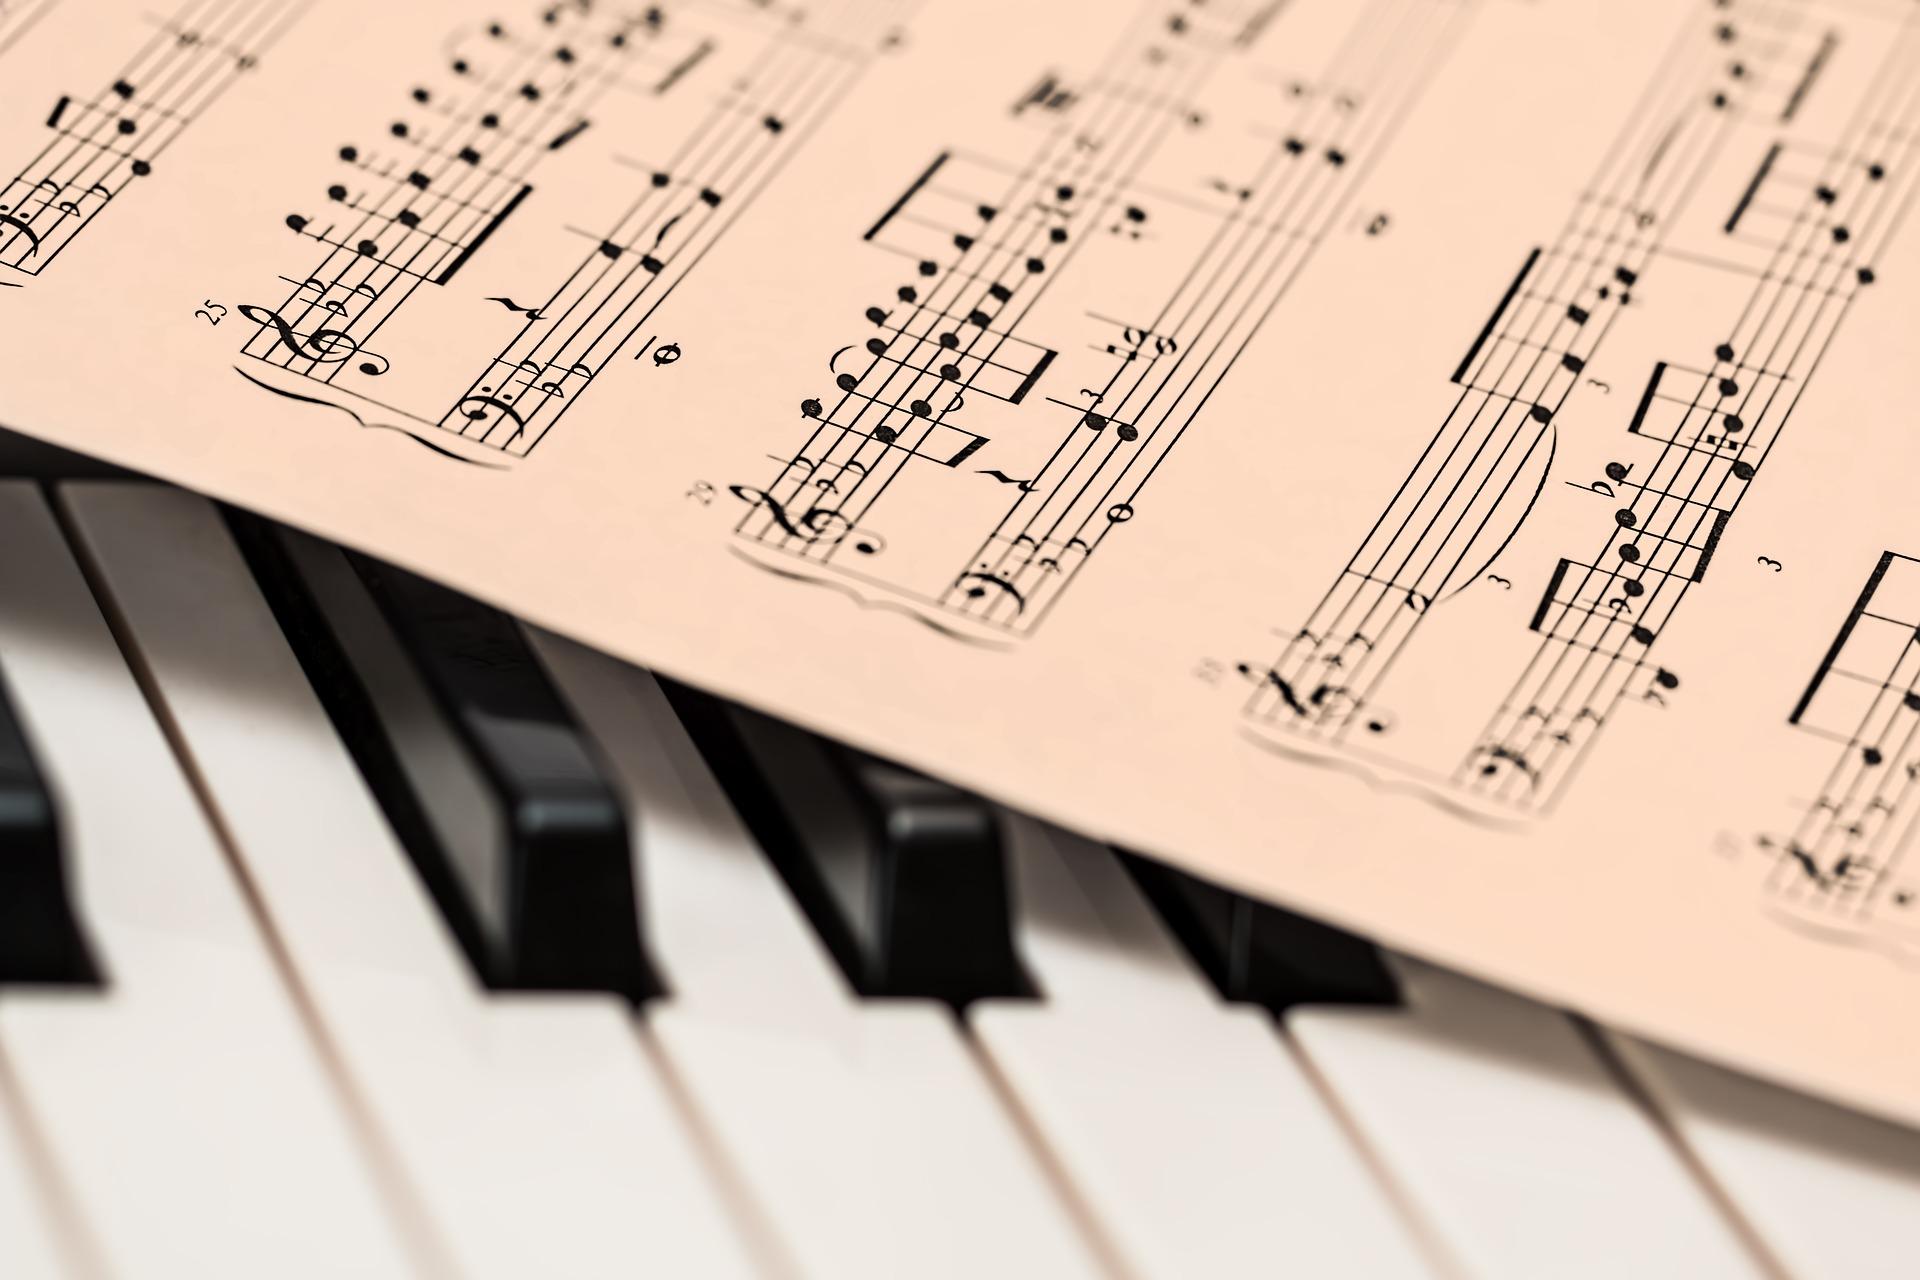 パッヘルベルのカノン の難易度別おすすめピアノ楽譜 ~初心者から上級者まで~